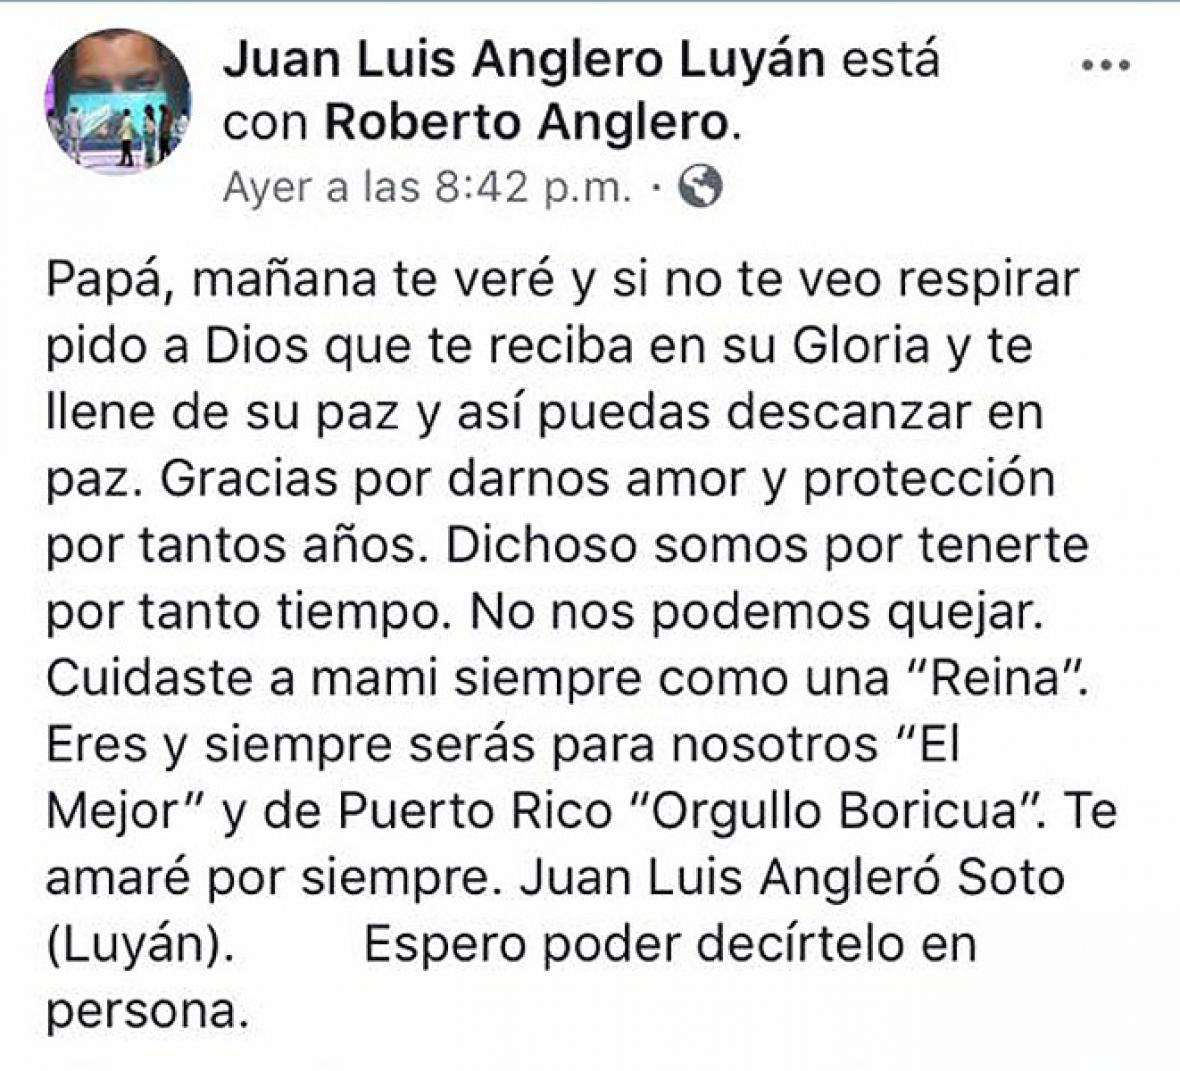 El mensaje del hijo de Roberto Angleró en el que informa sobre la muerte del músico.